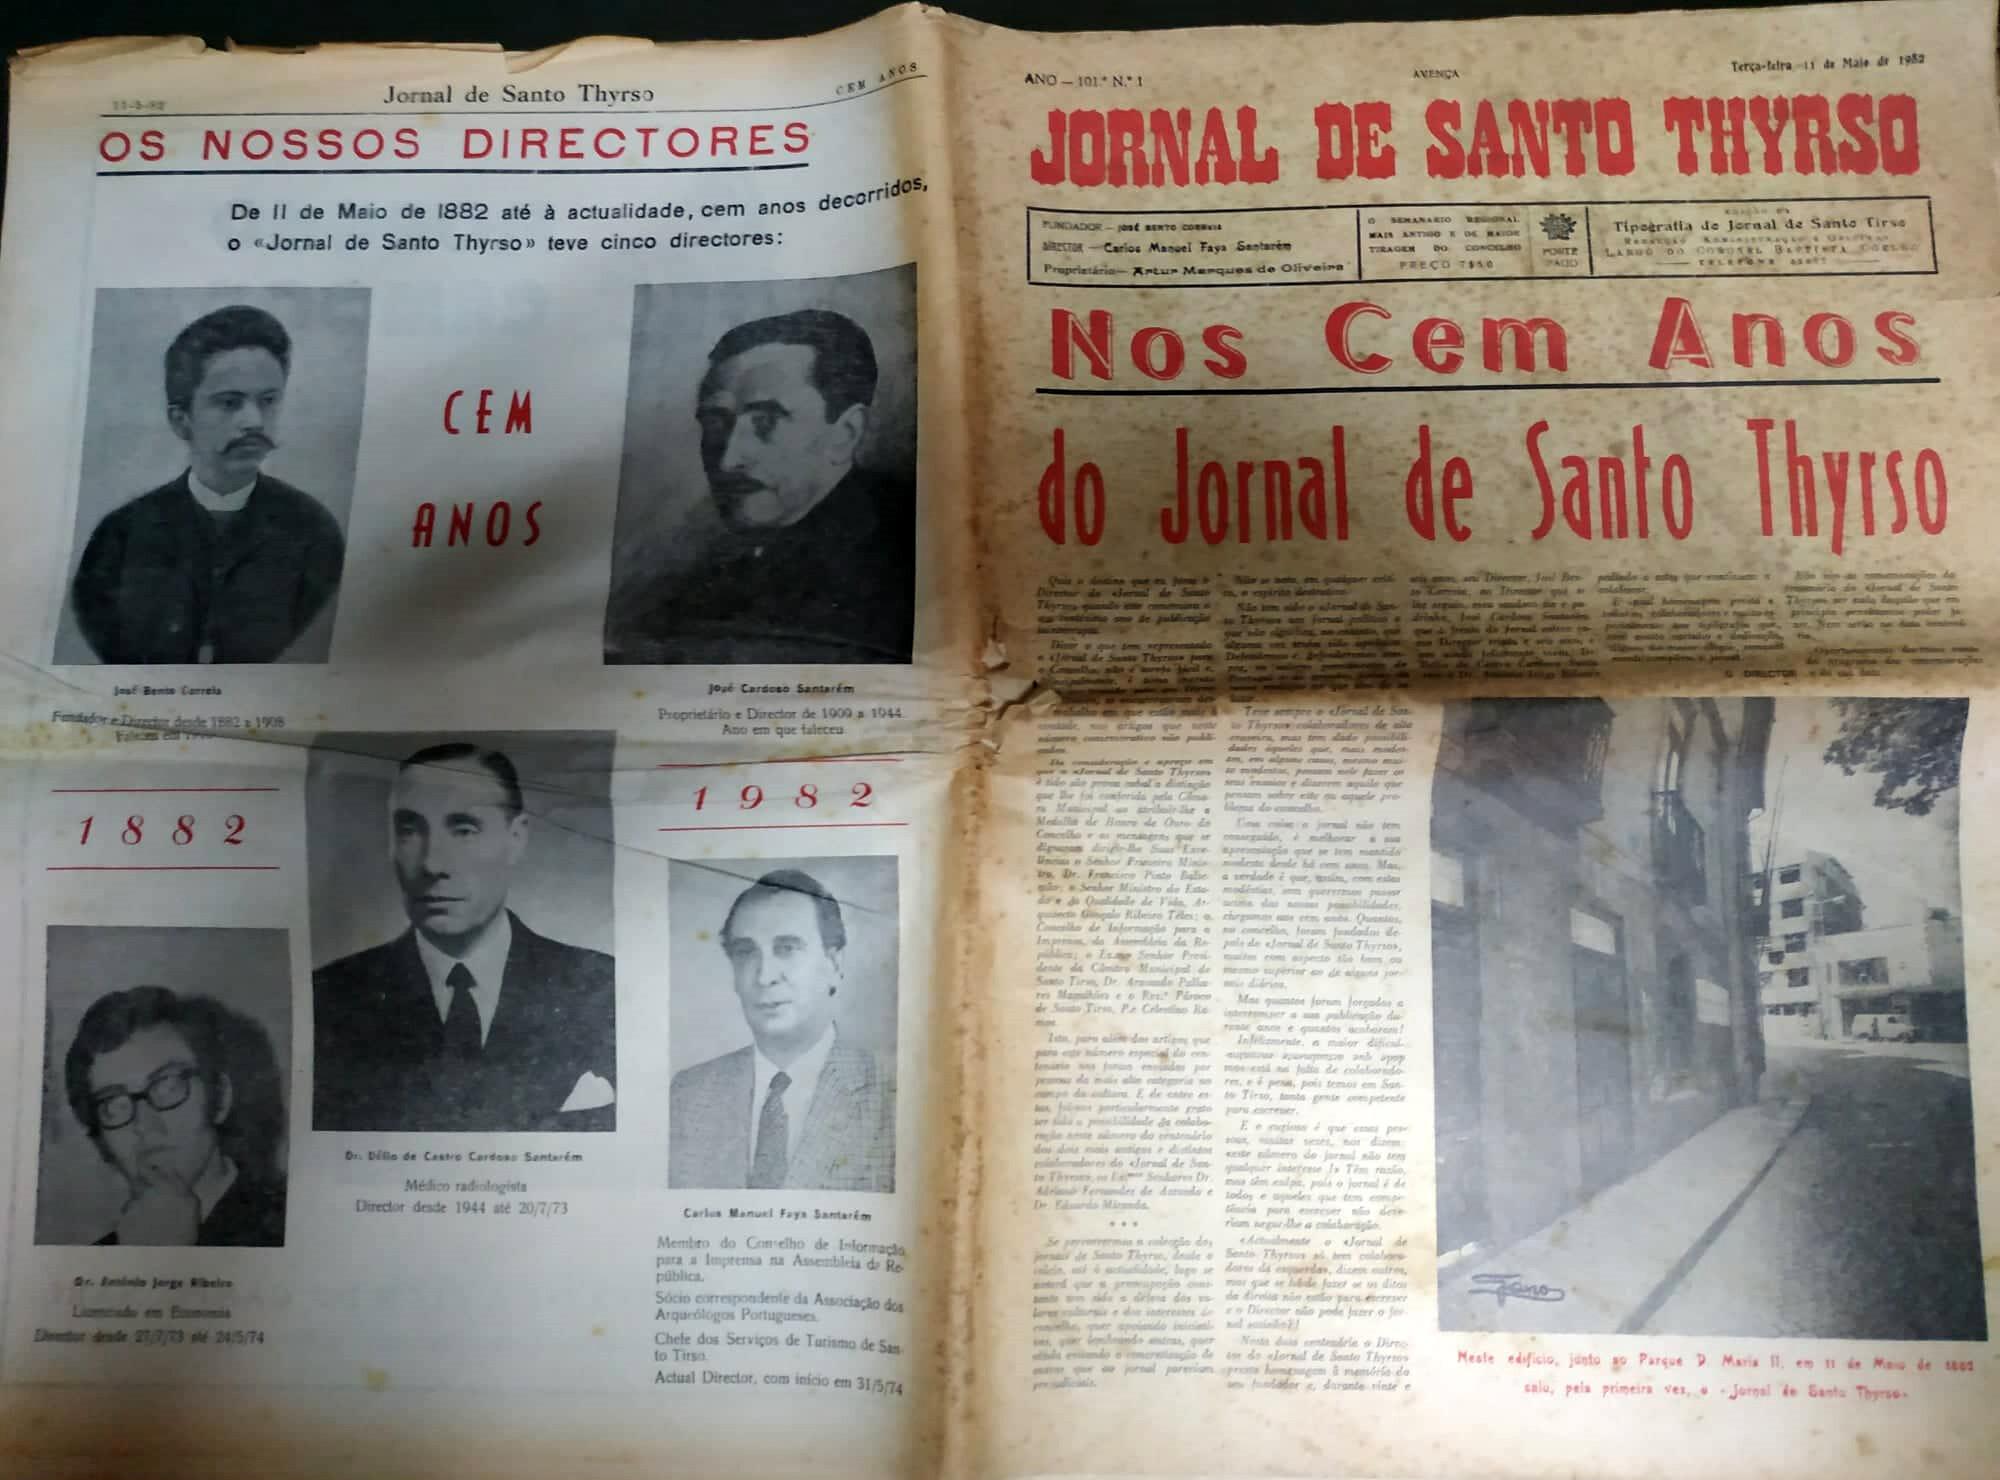 comemoração dos 100 anos jornal de Santo Thyrso